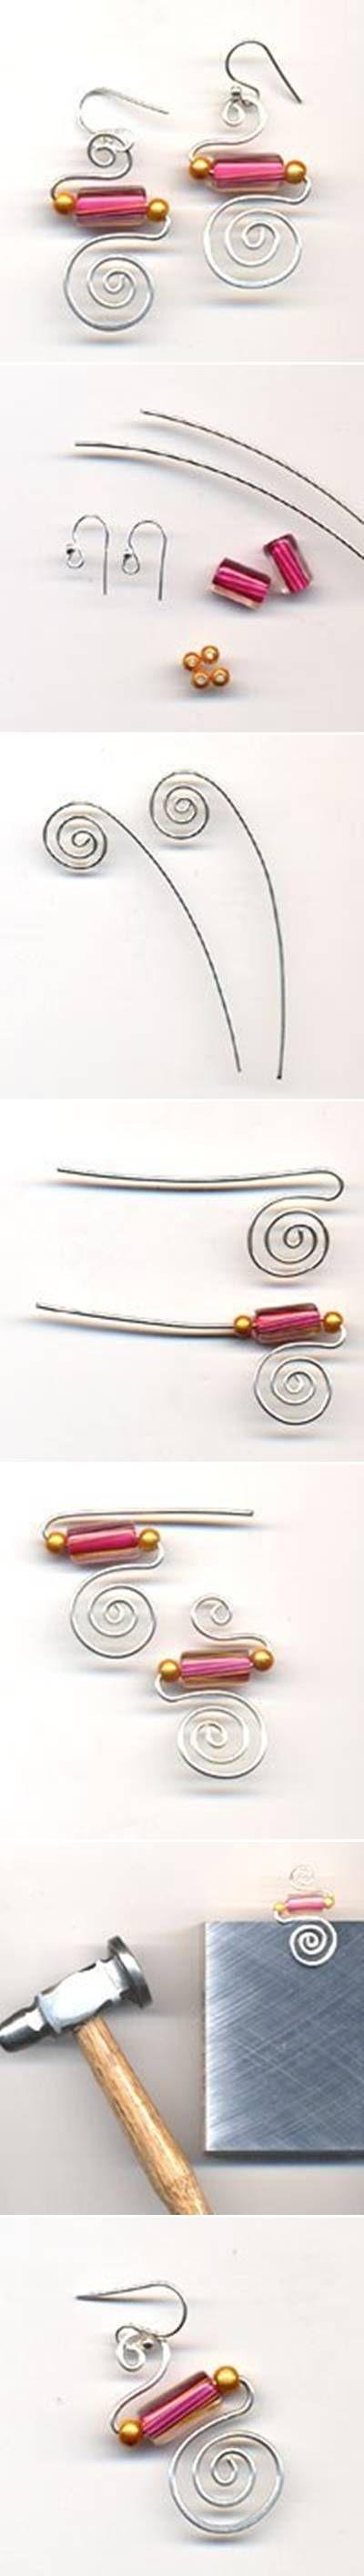 DIY Simple Stylish Wire Earrings DIY Simple Stylish Wire Earrings